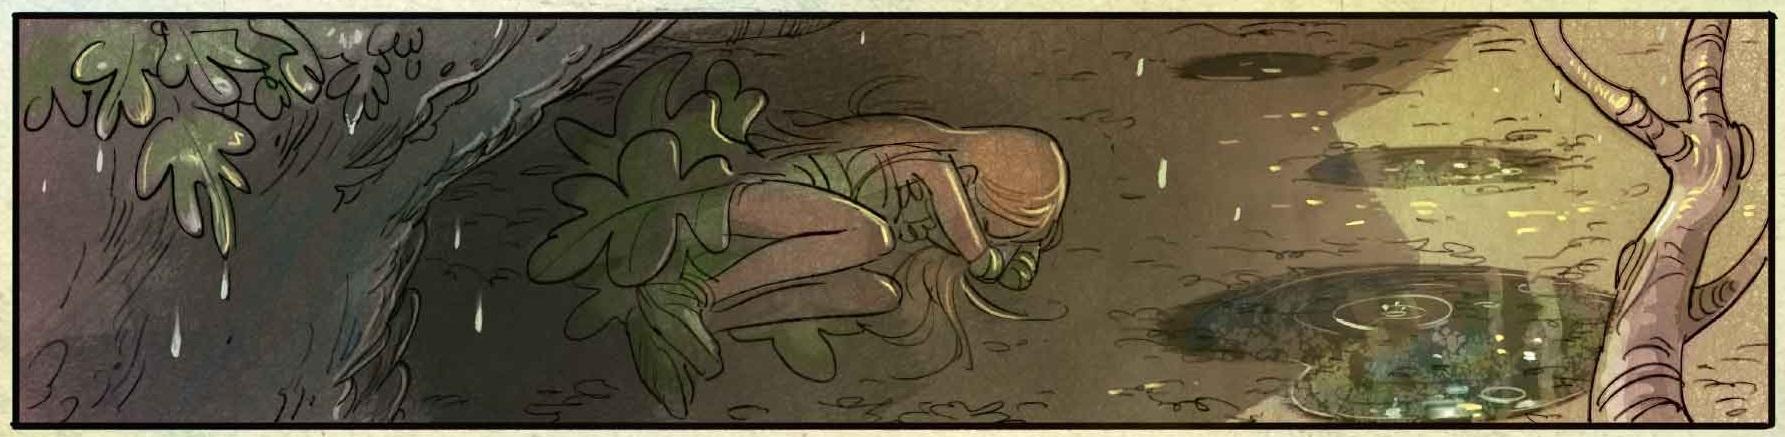 Brindille dort dans la forêt